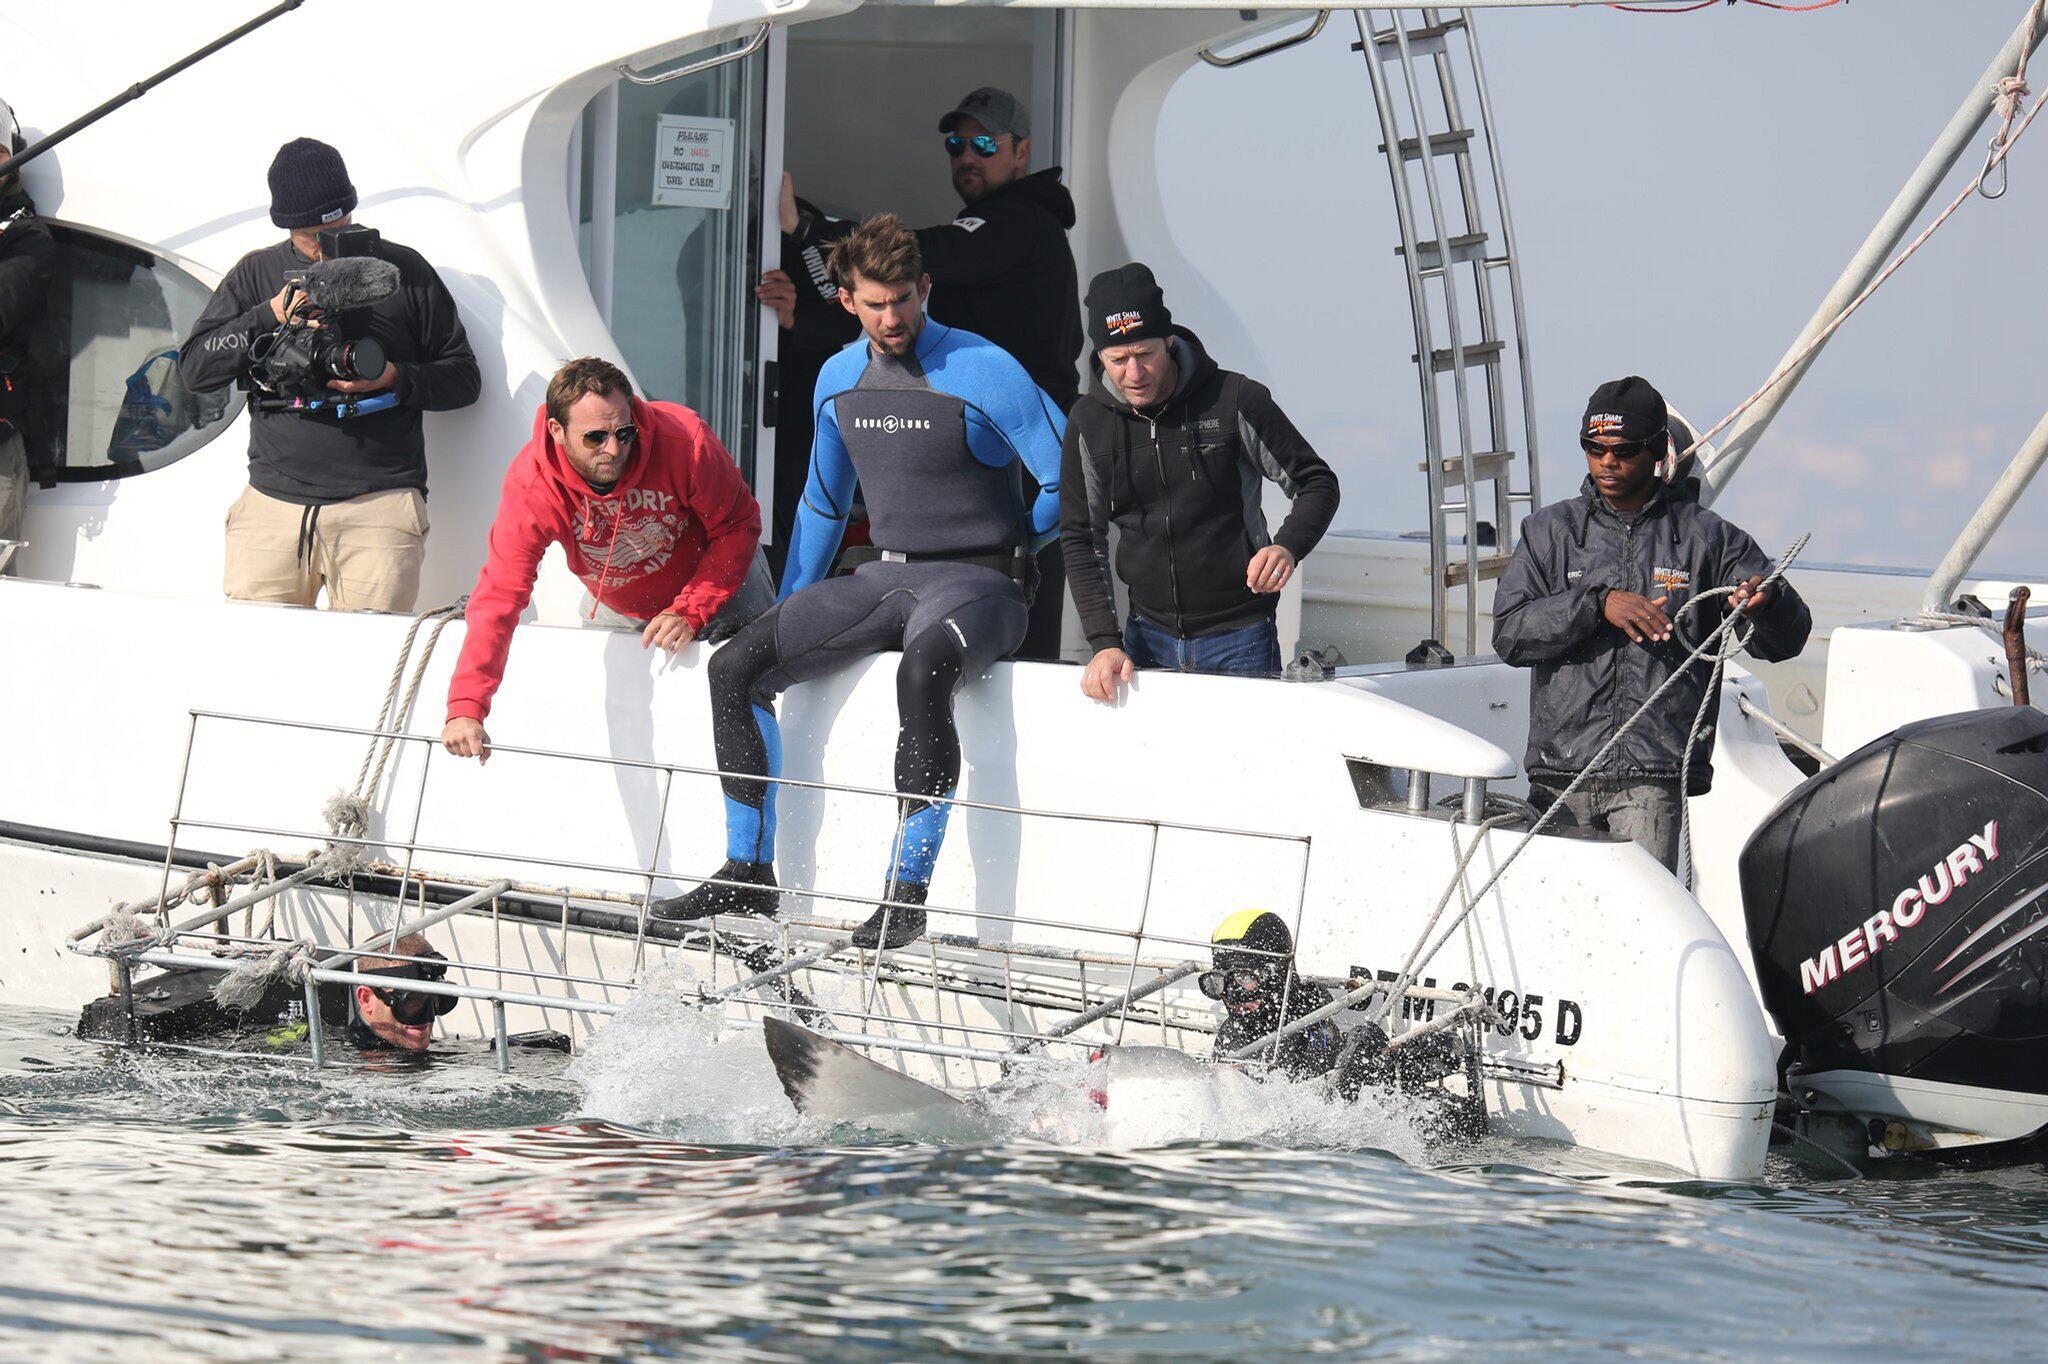 Bild zu Michael Phelps, Weisser Hai